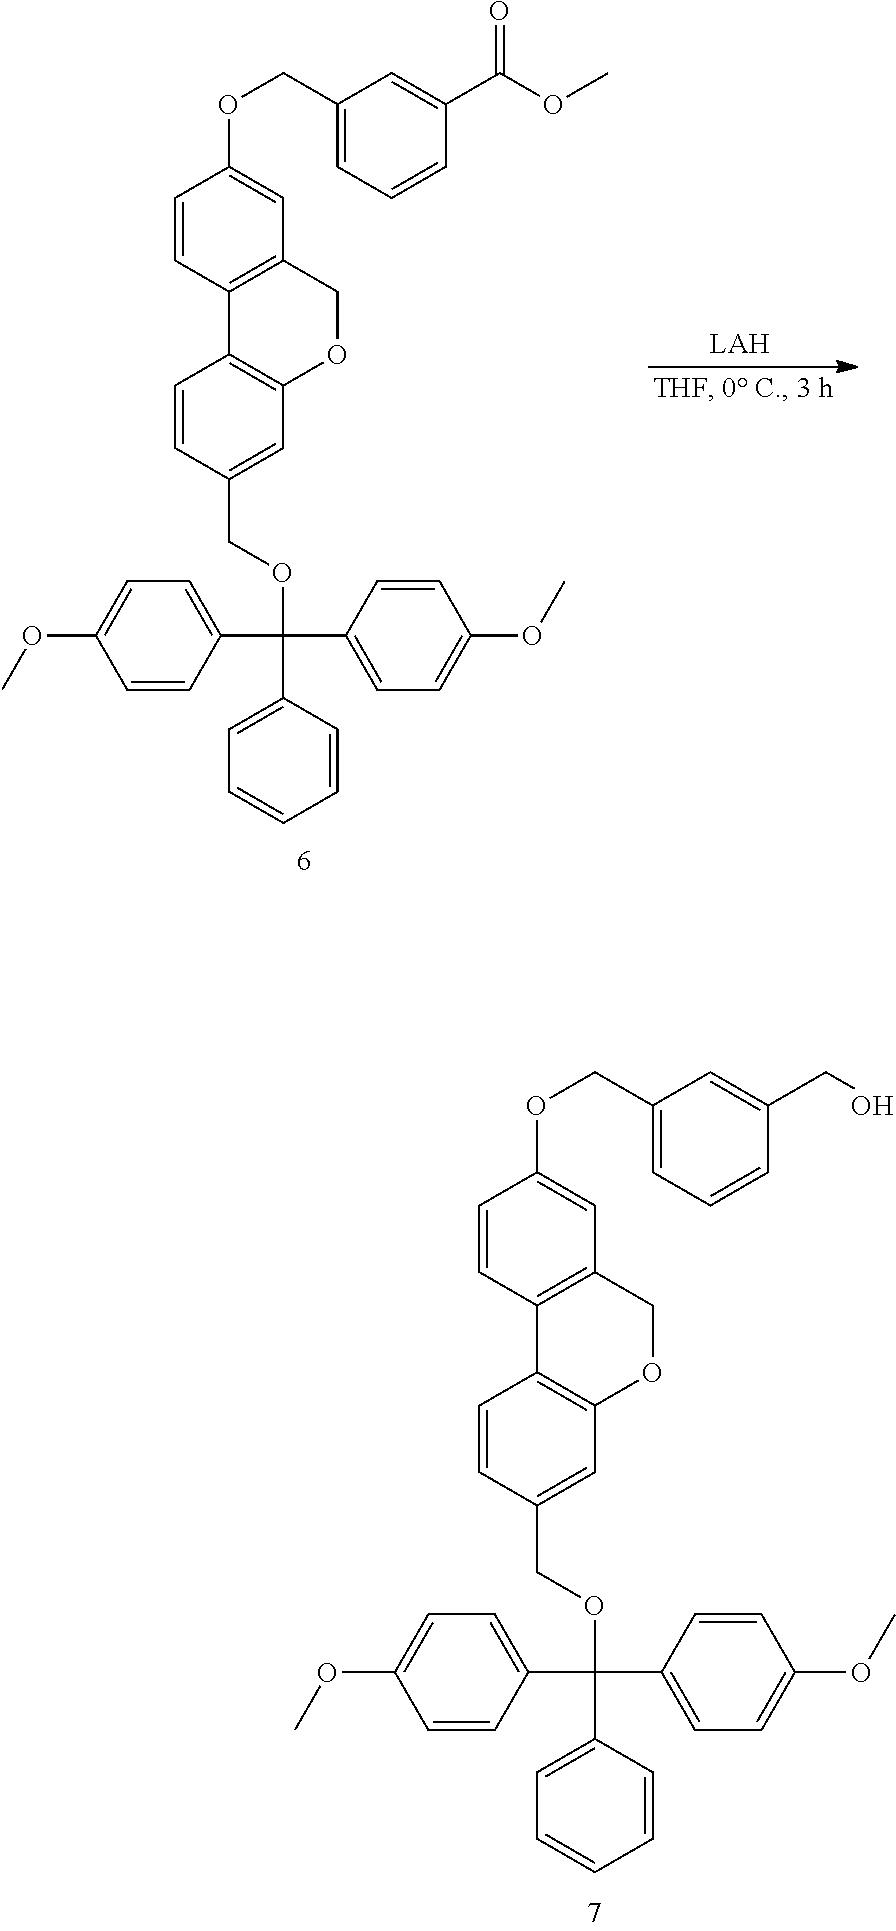 Figure US09988627-20180605-C00353